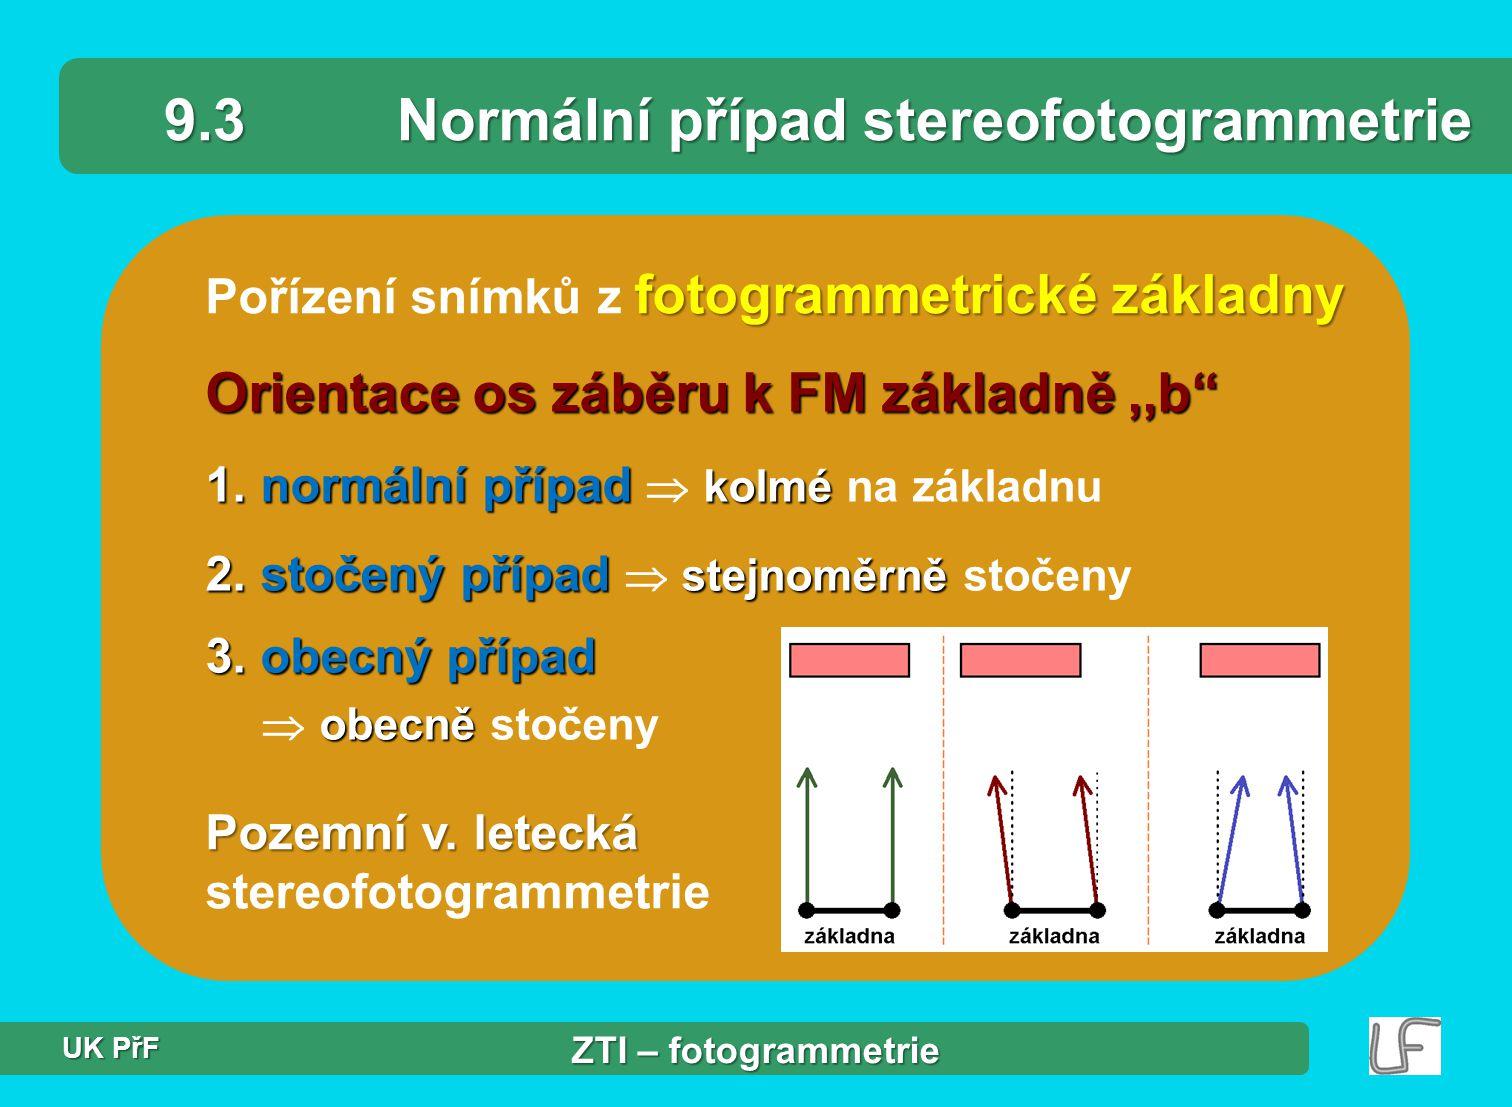 9.3 Normální případ stereofotogrammetrie